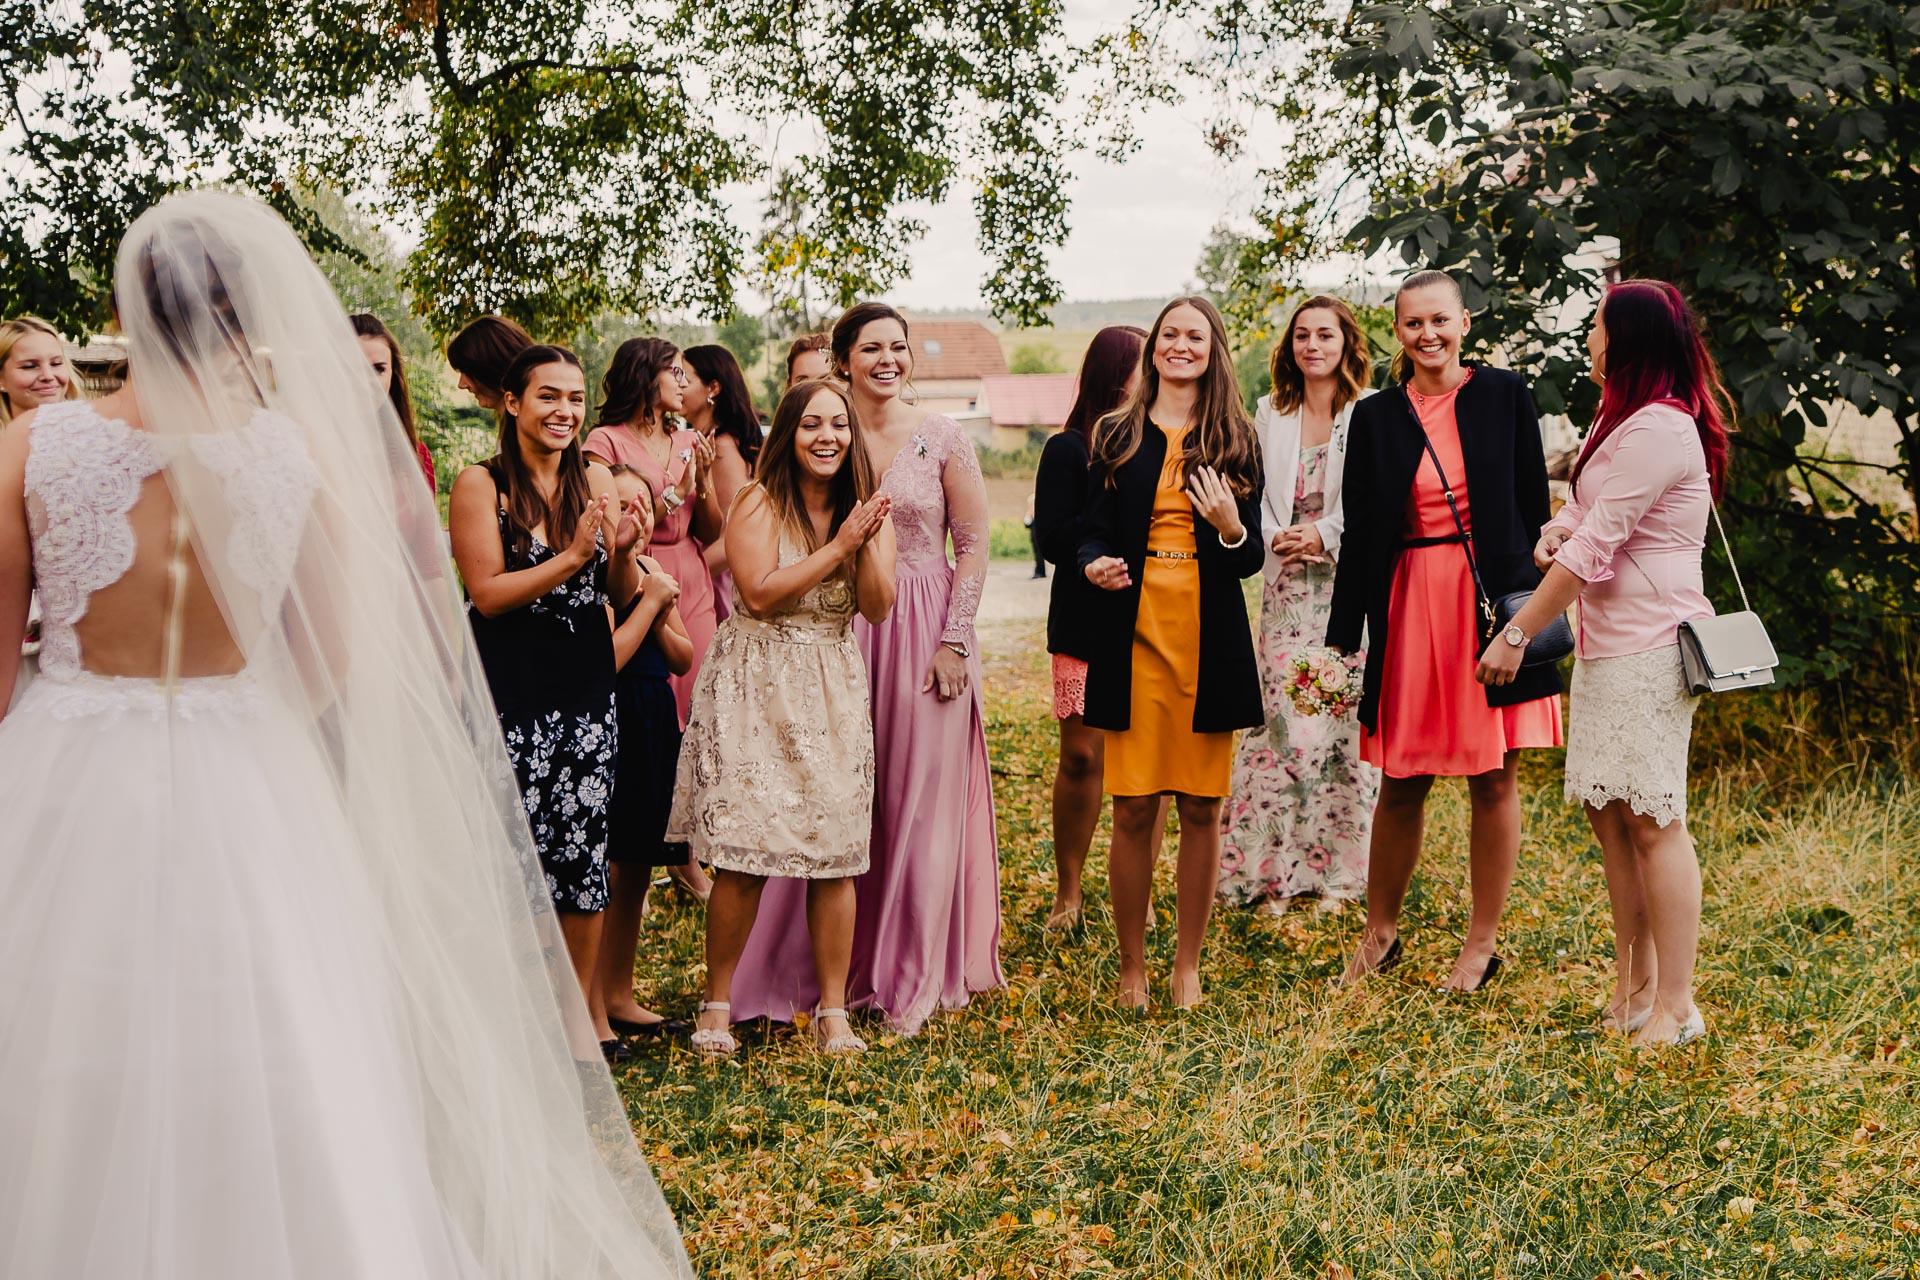 svatební fotograf Praha,svatba střední čechy, církevní obřad, svatba v kostele, nejhezčí svatební fotografie-2650